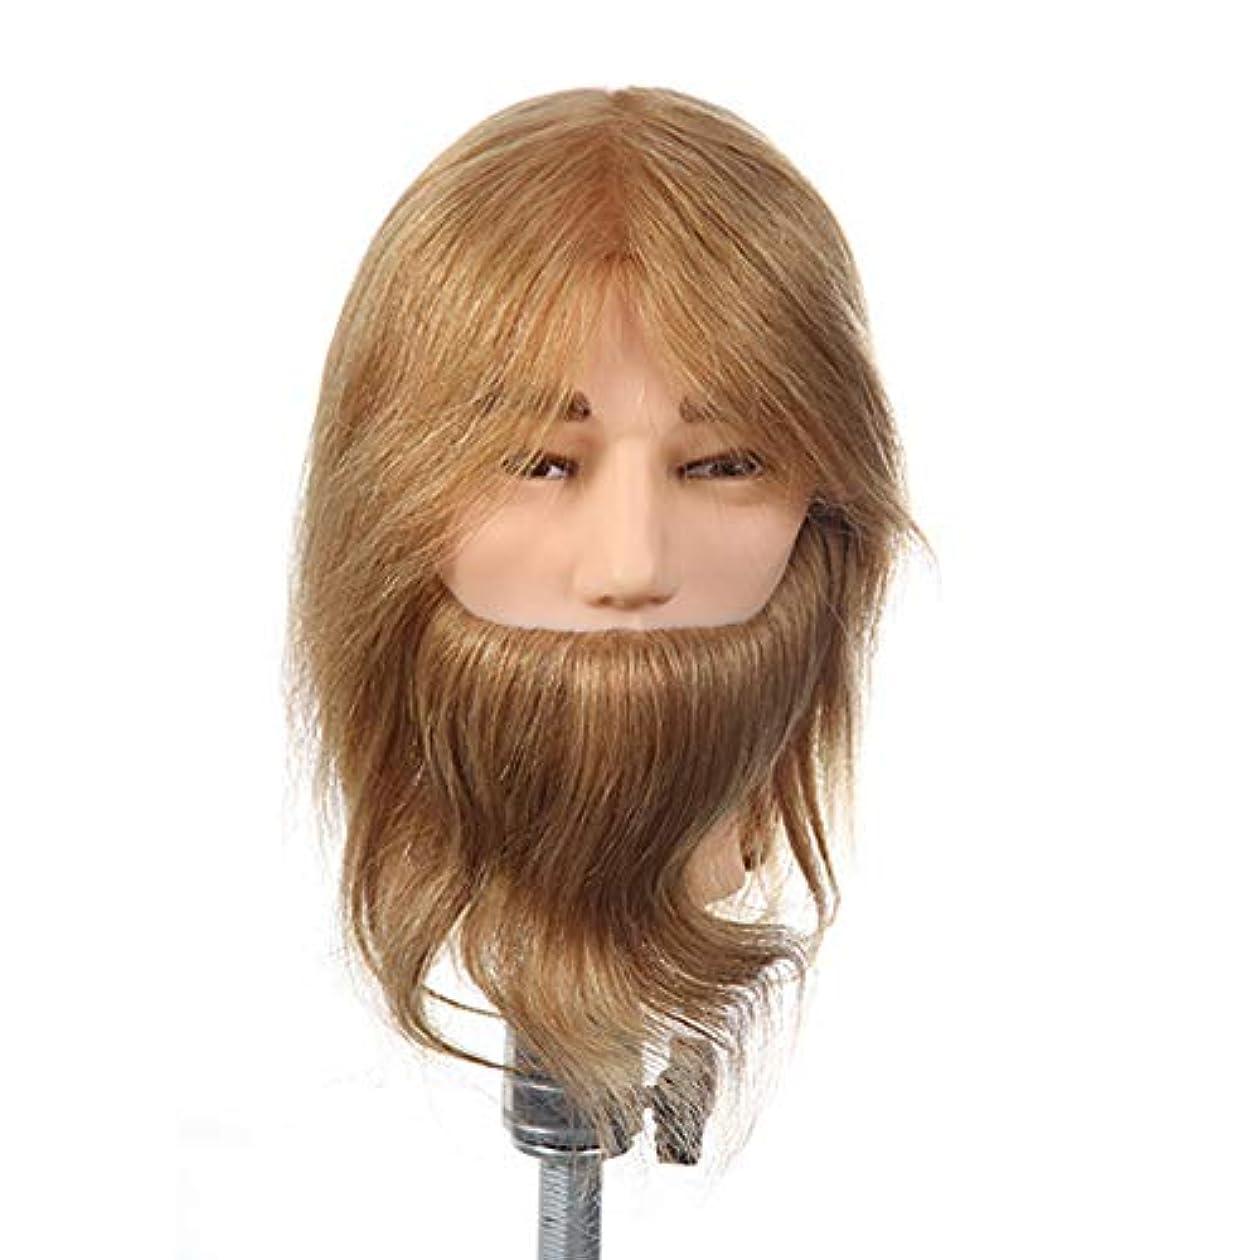 成熟豊富な気付く本物のヘア男性化粧ダミーヘッドヘアサロン学習パーマ染めトリミング髪あごひげマネキンヘッド付き口ひげ指導ヘッド